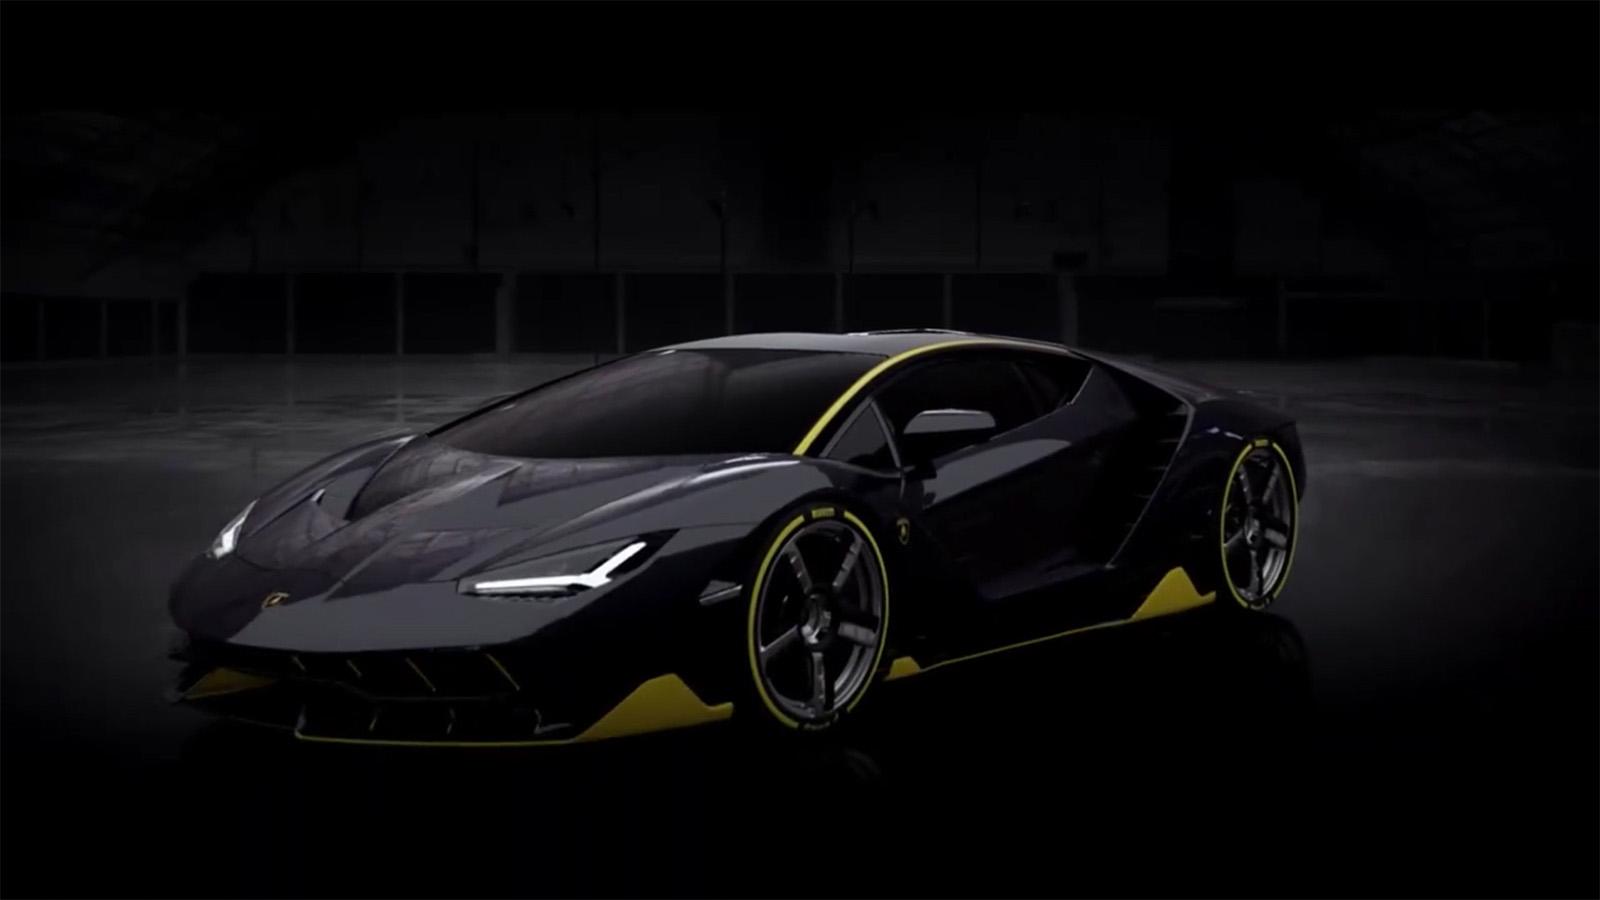 76 Gambar Modifikasi Mobil Lamborghini Ukuran Besar Terbaru Nara Motor